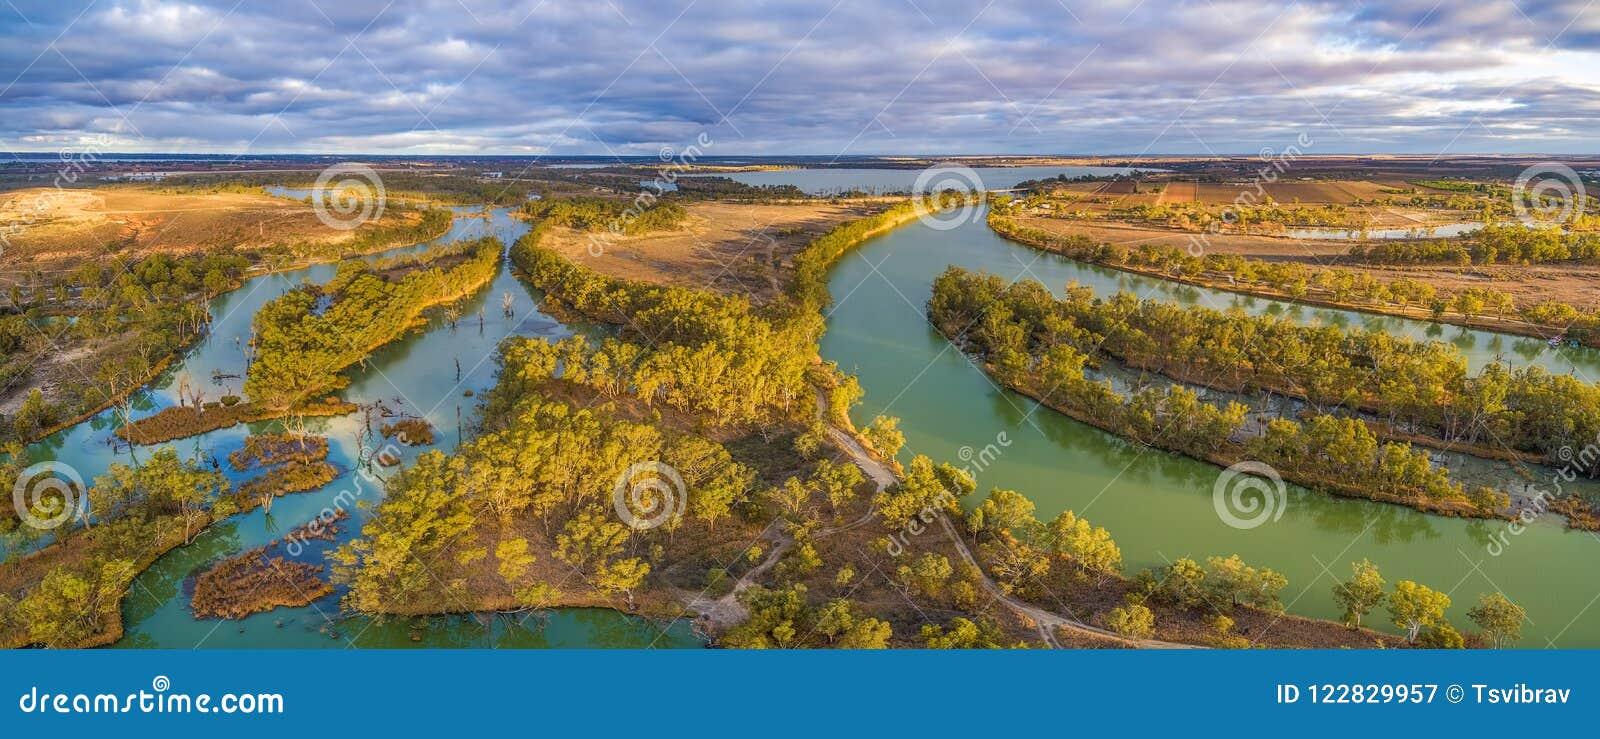 Flyg- panorama av Murray River och den Wachtels lagun